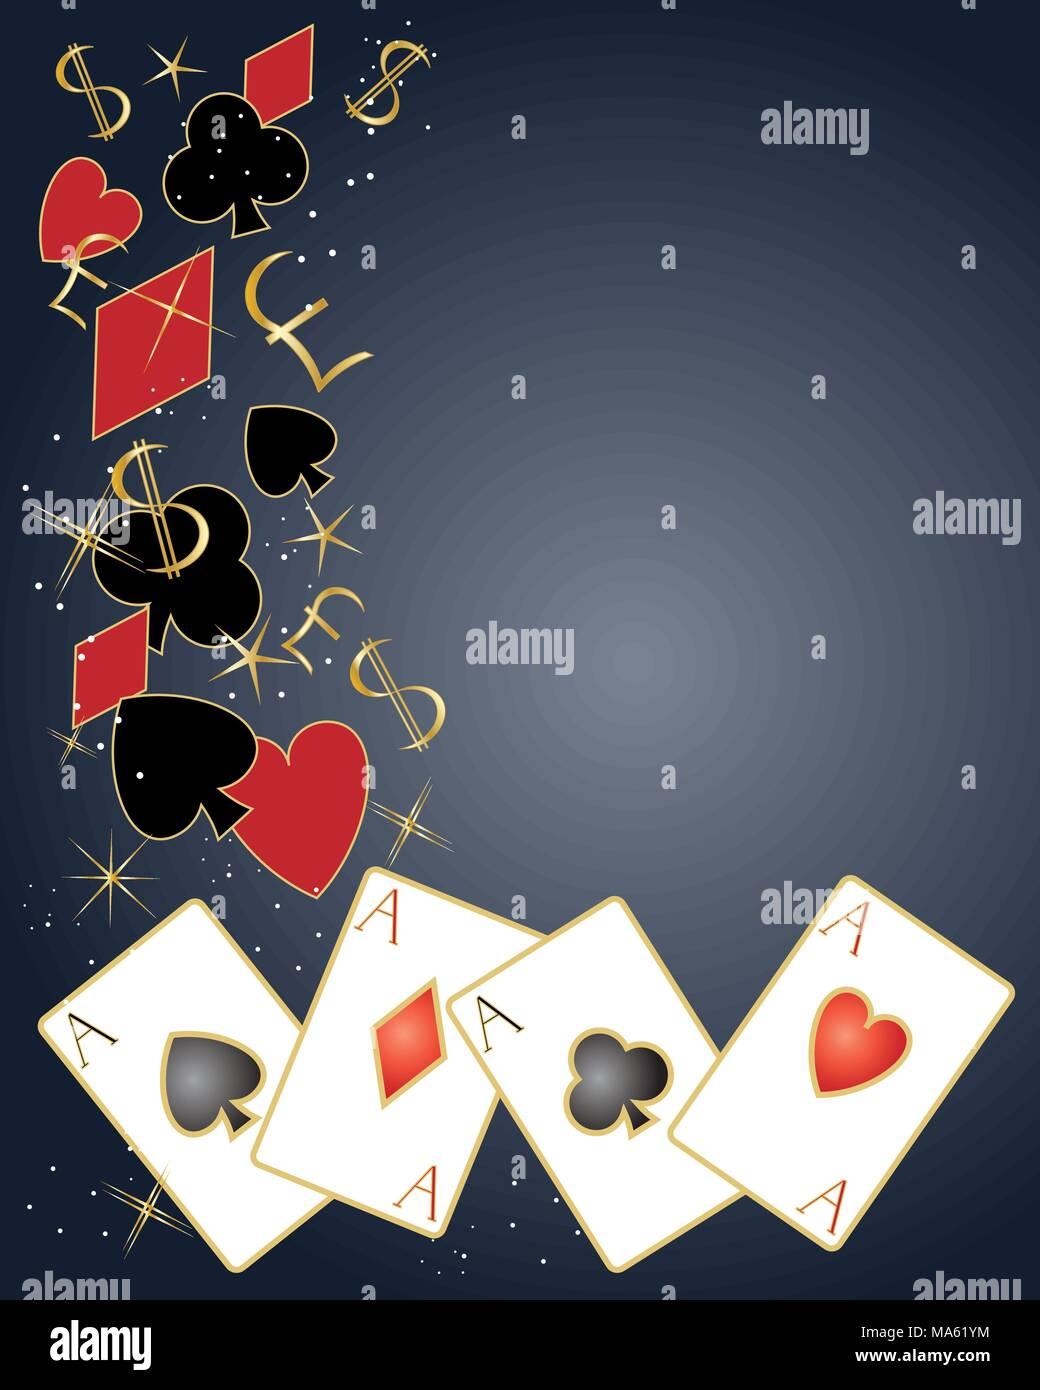 Una illustrazione vettoriale in formato eps formato 10 di carte da gioco con i simboli del dollaro e simboli di cancelletto e brilla su sfondo scuro Immagini Stock